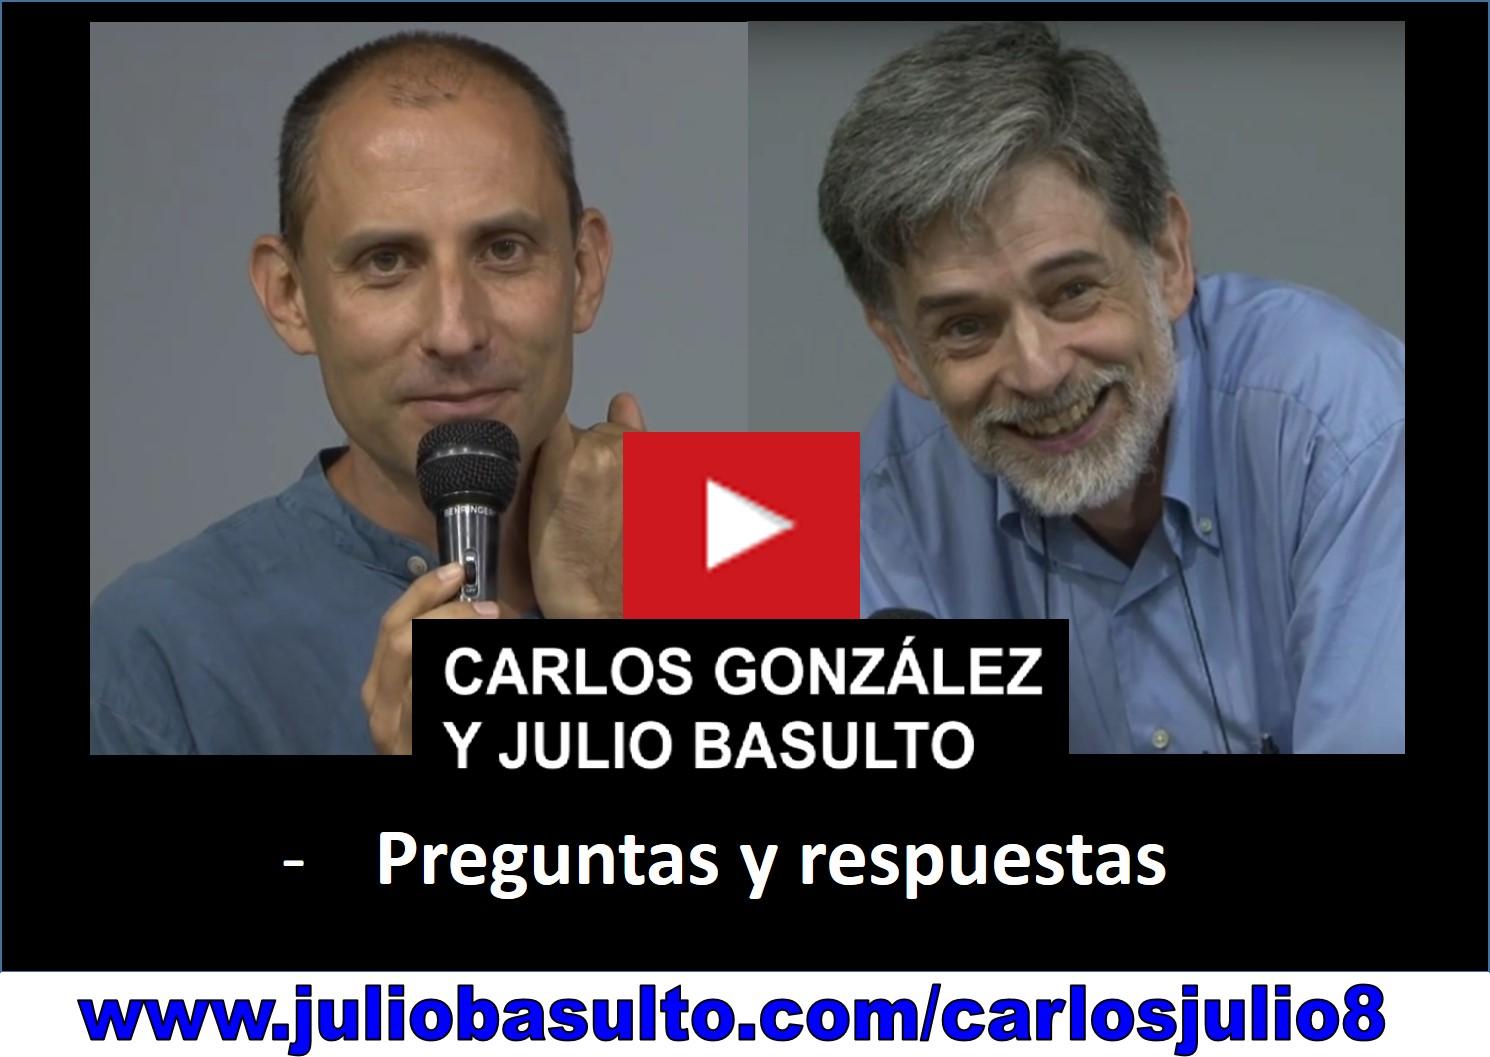 Vídeo de Carlos González y Julio Basulto en Barcelona (último fragmento)